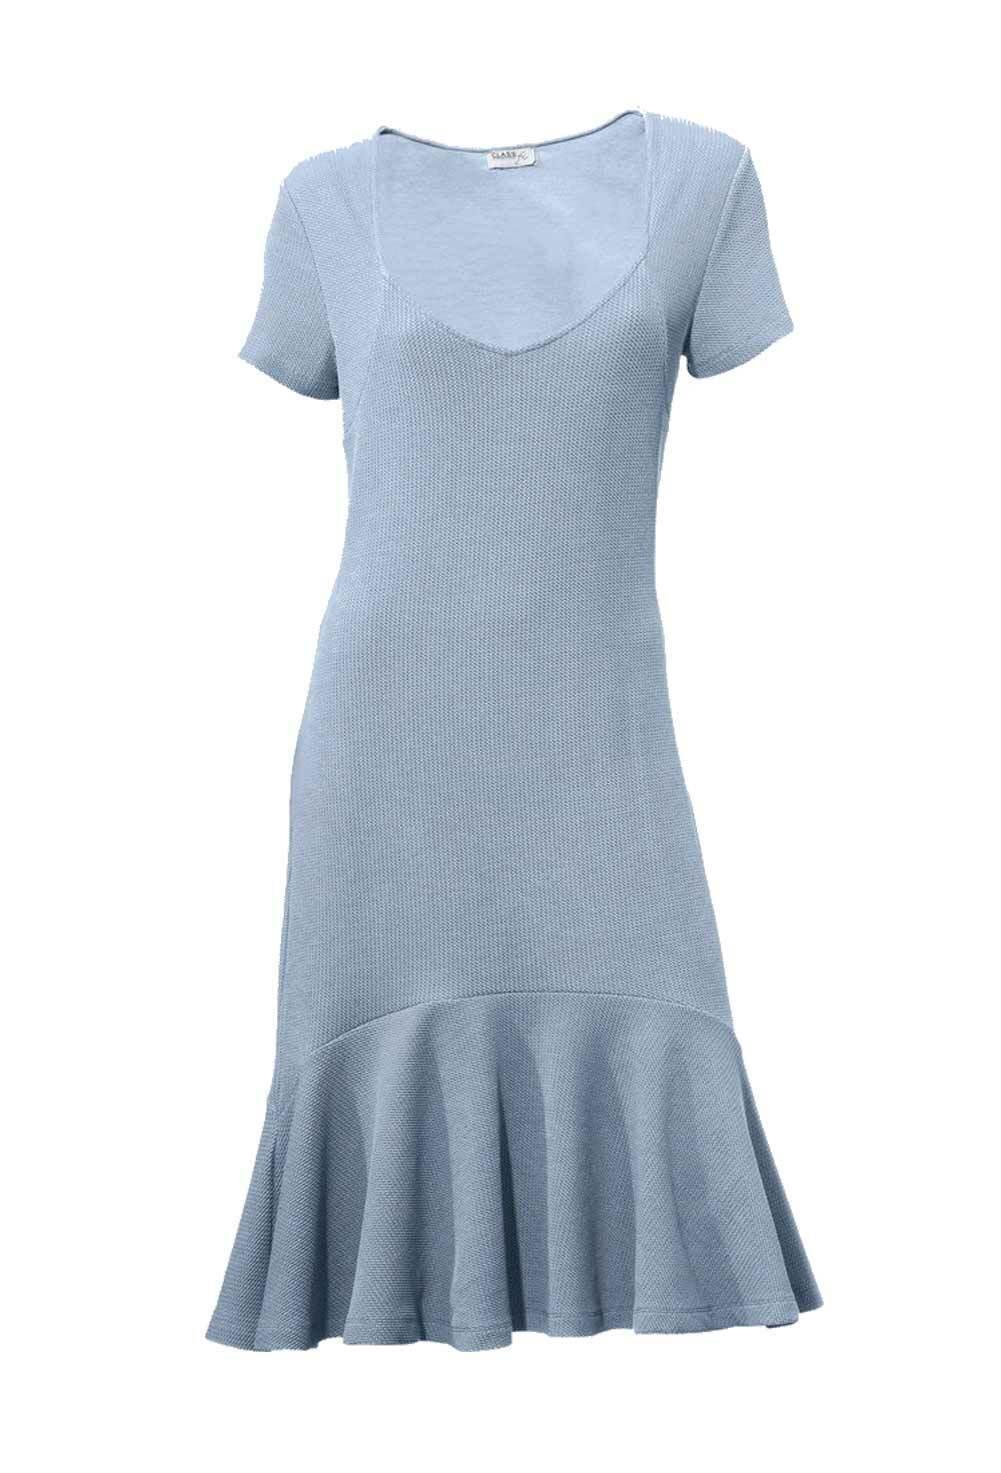 TCJ TCJ TCJ Class International Sexy Kleid Designerkleid Bodyformingkleid hellblau 36-46 | Elegant Und Würdevoll  | Roman  | Verwendet in der Haltbarkeit  098fa7